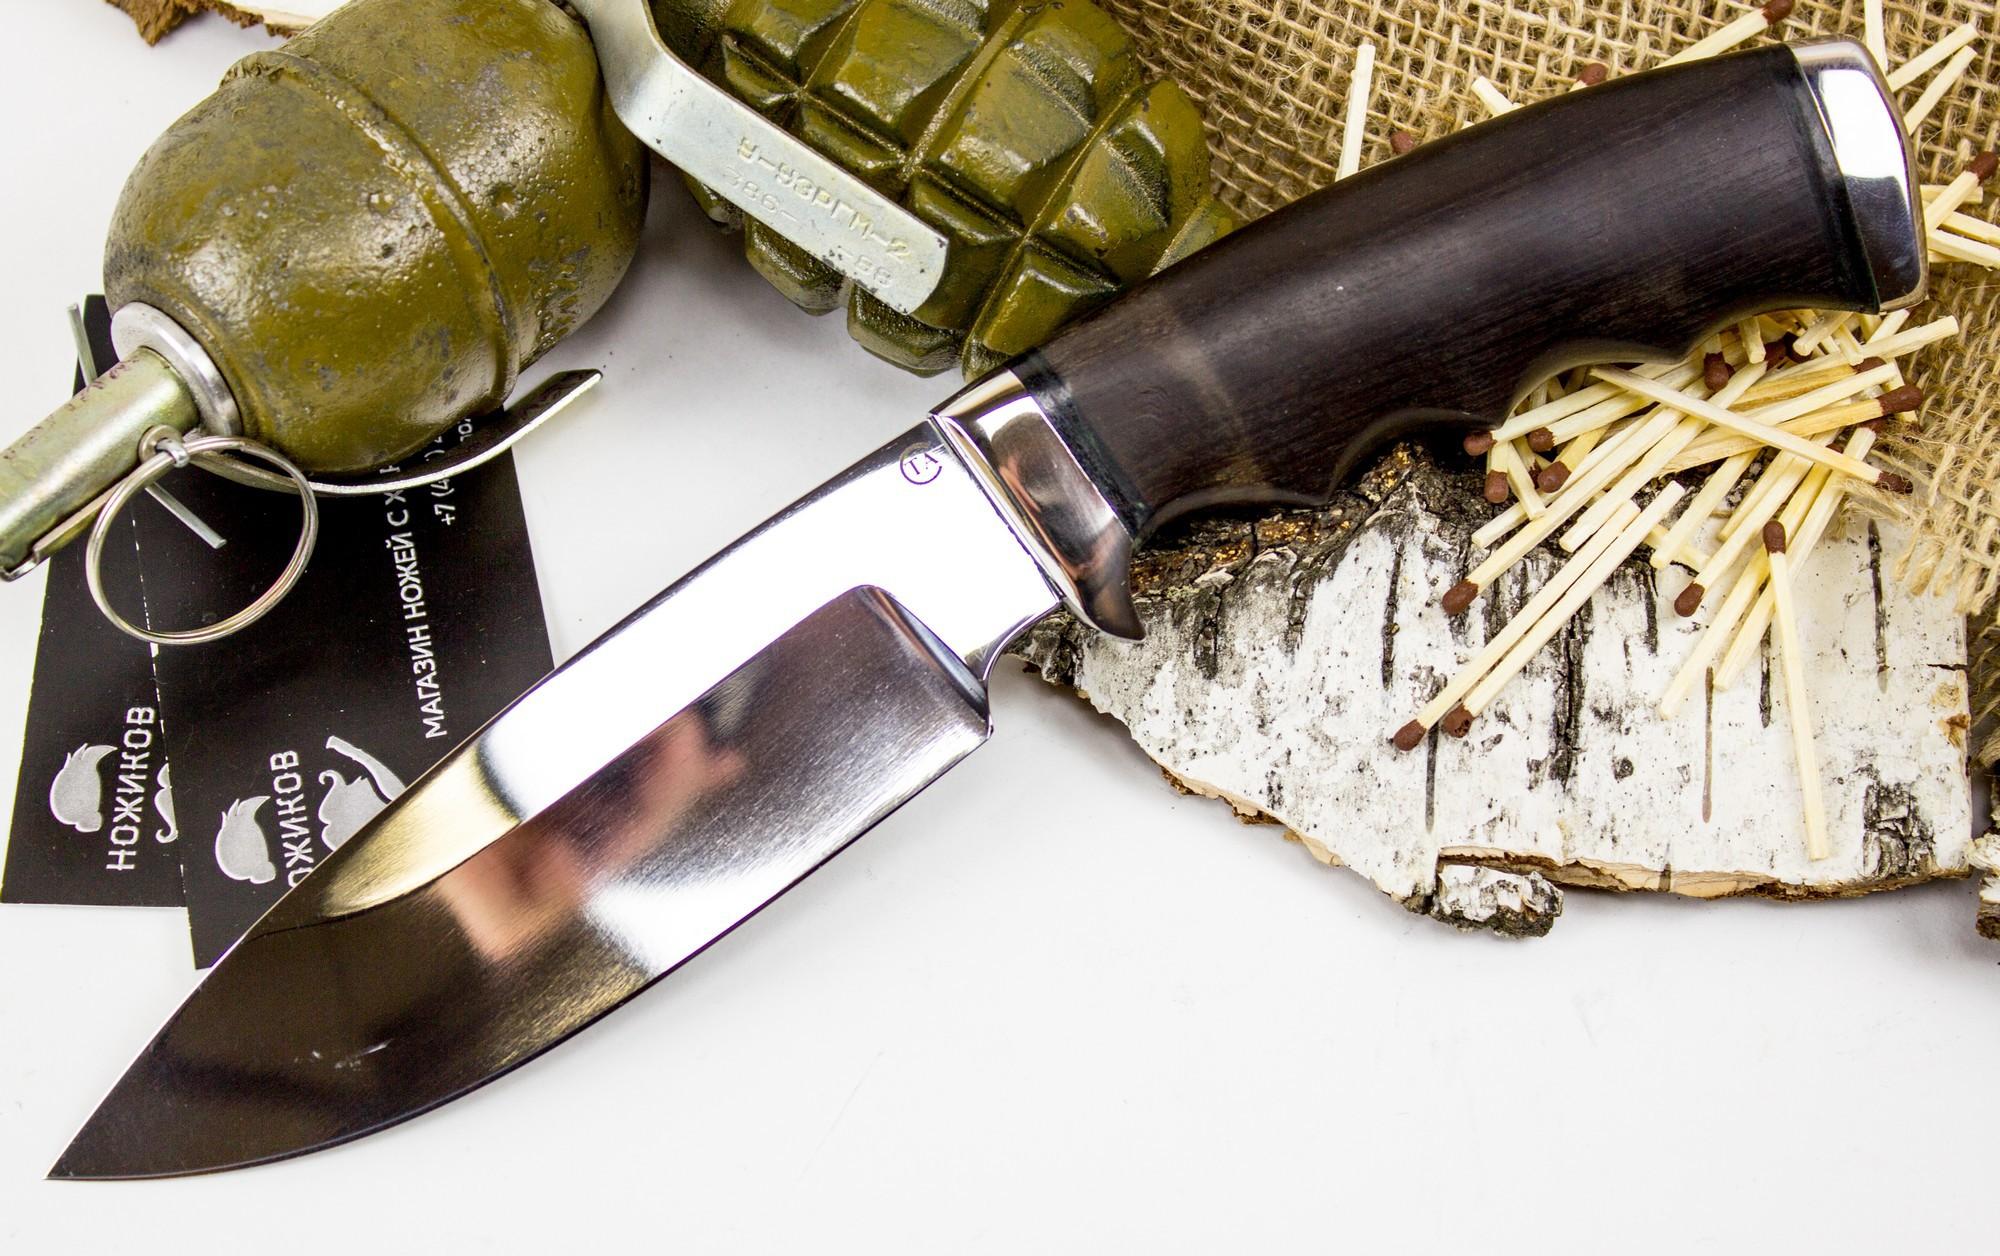 Фото 5 - Нож Барсук-1, сталь 95х18 от Титов и Солдатова